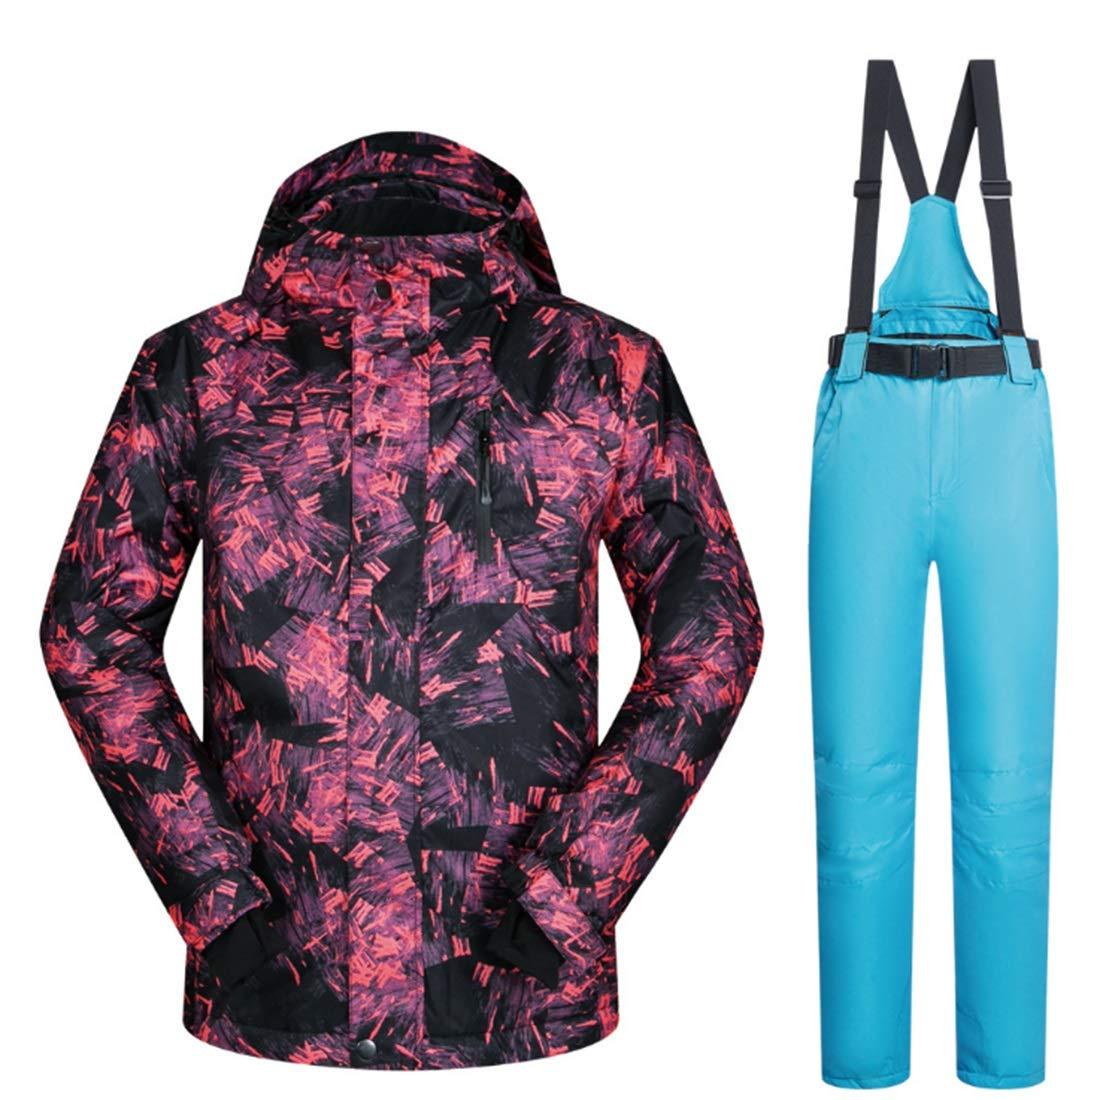 Anglayif Anglayif Anglayif Pantaloni da Snow da Uomo da Trekking, Giacca da Sci Invernale e Pantaloni per la Neve da Pioggia (Coloree   04, Dimensione   M)B07MQDQHJMXXL 04 | Outlet Store  | Sconto  | Primo gruppo di clienti  | Conveniente  | Aspetto piacevole  | Tecno 0c7dd2